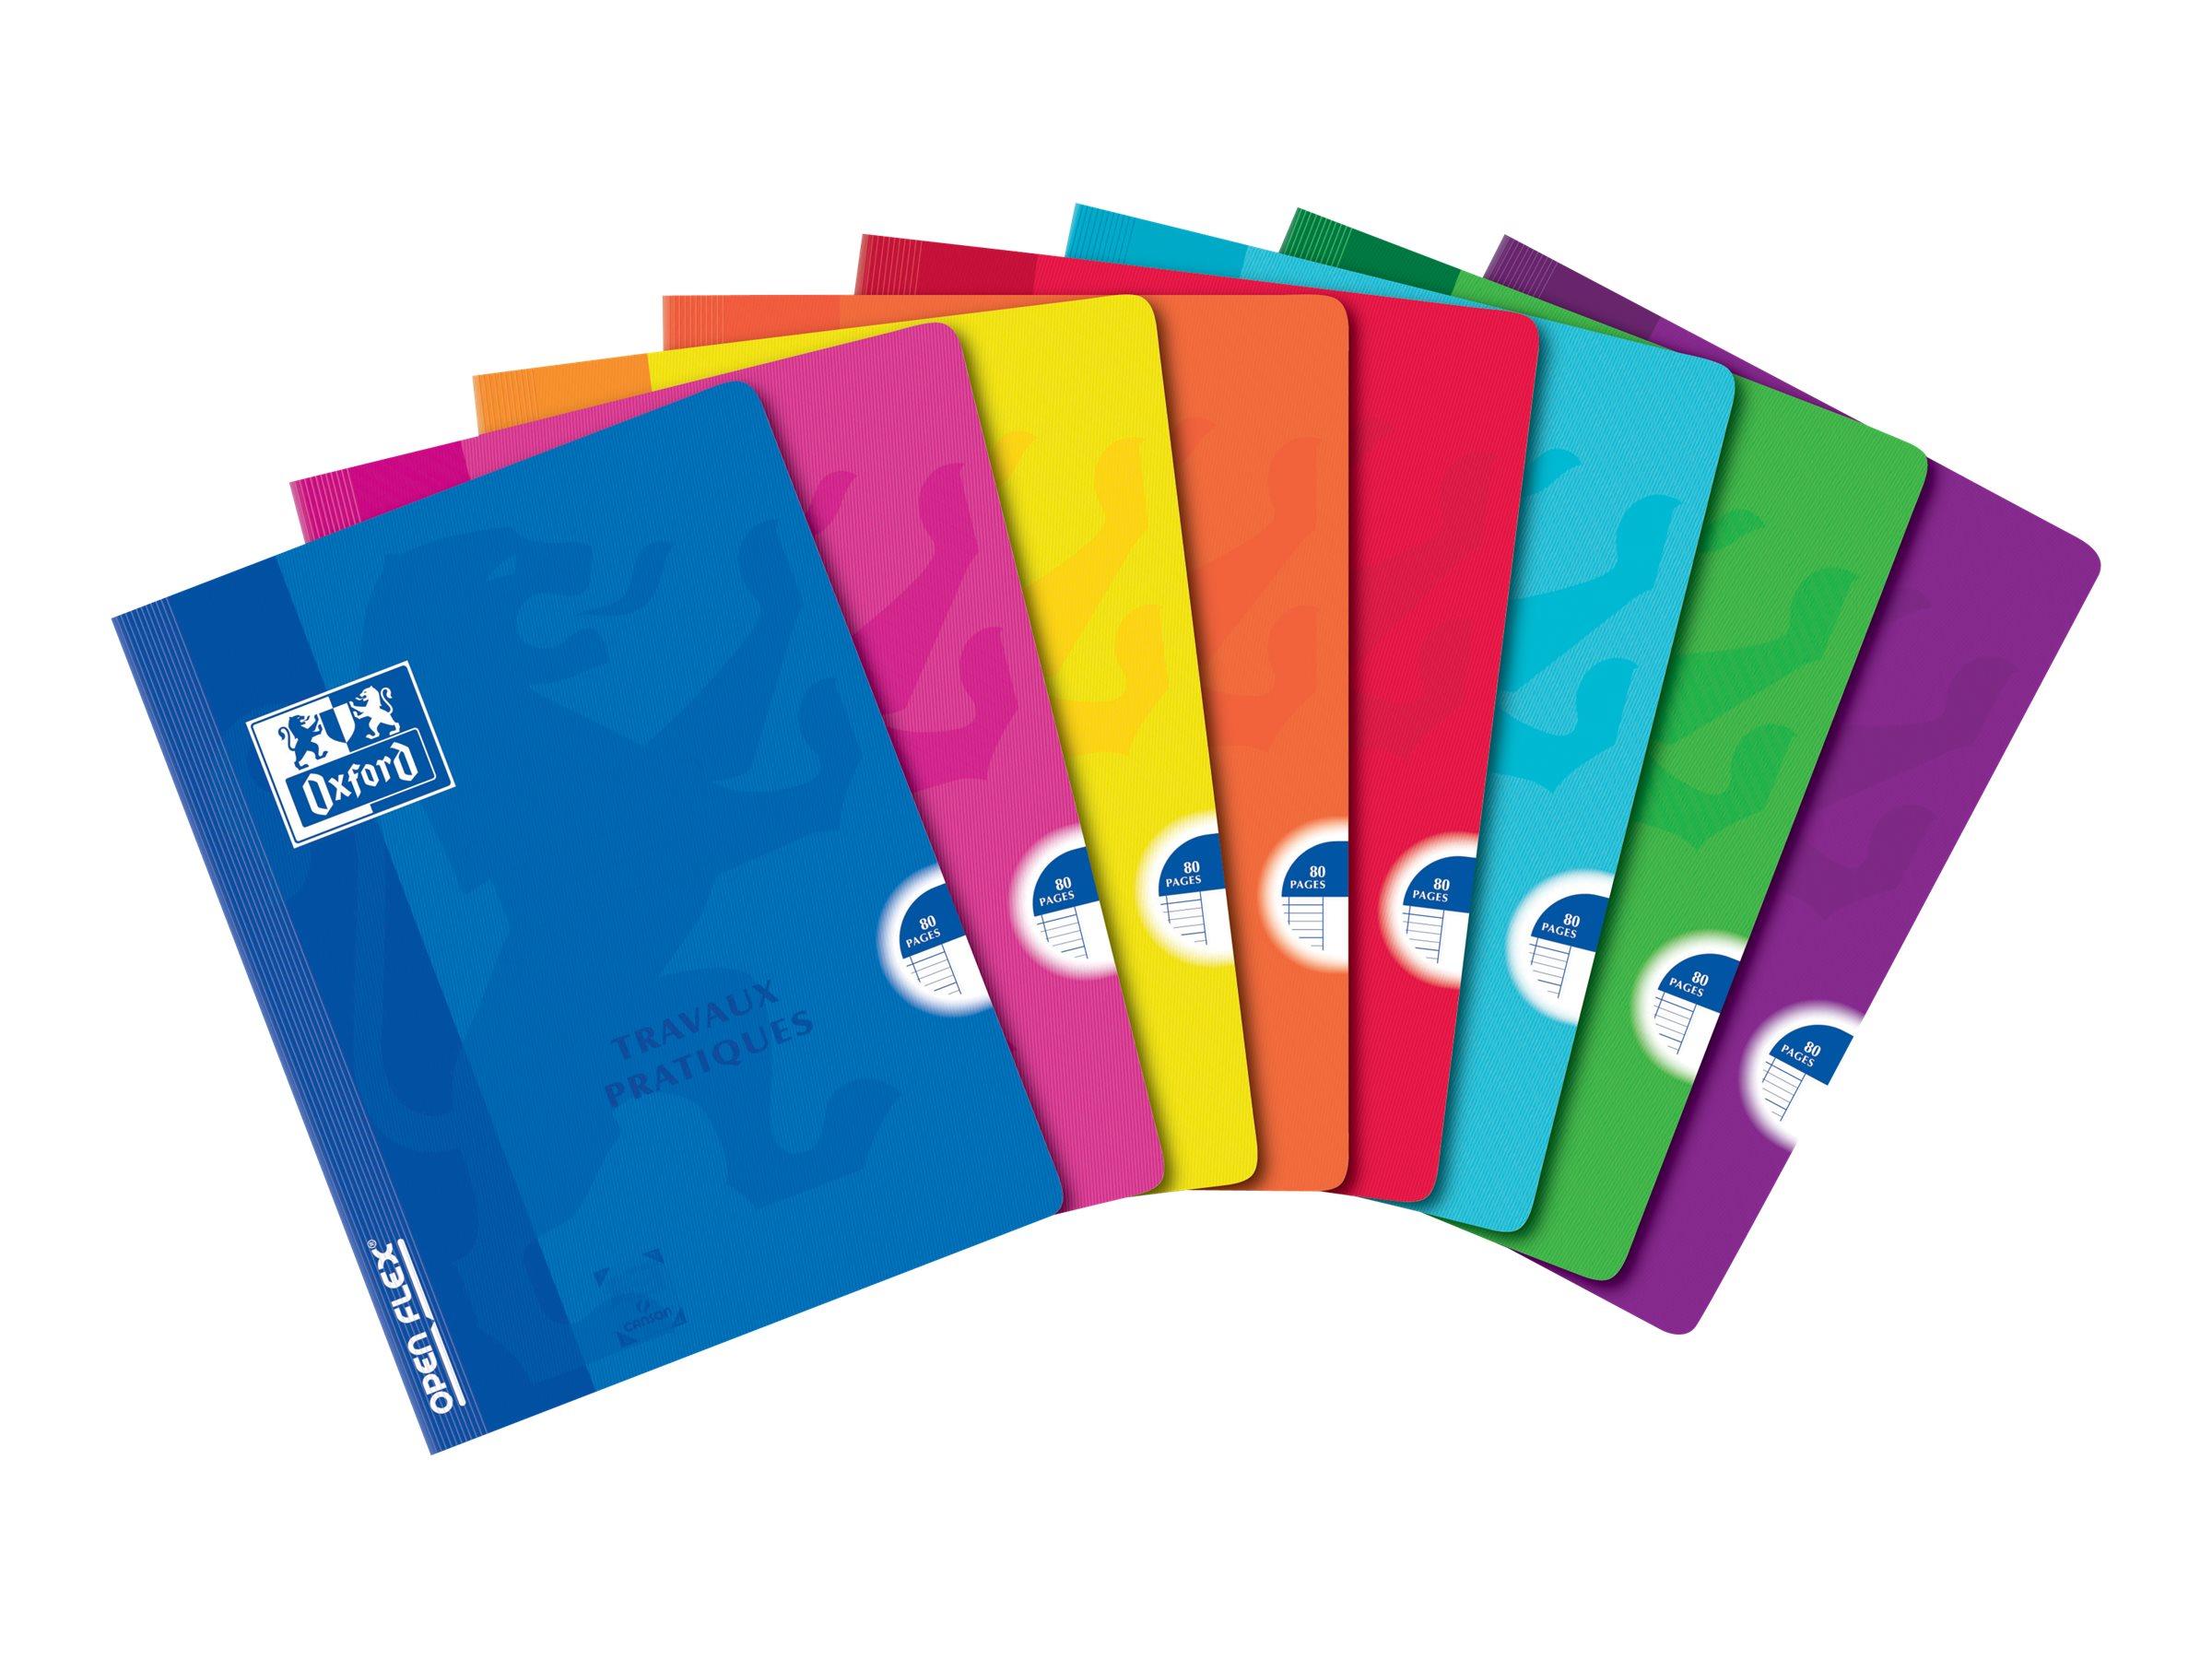 Oxford School Travaux Pratiques Openflex - Cahier d'exercice - 24 x 32 cm - 80 pages - uni, Grands carreaux - disponible dans différentes couleurs